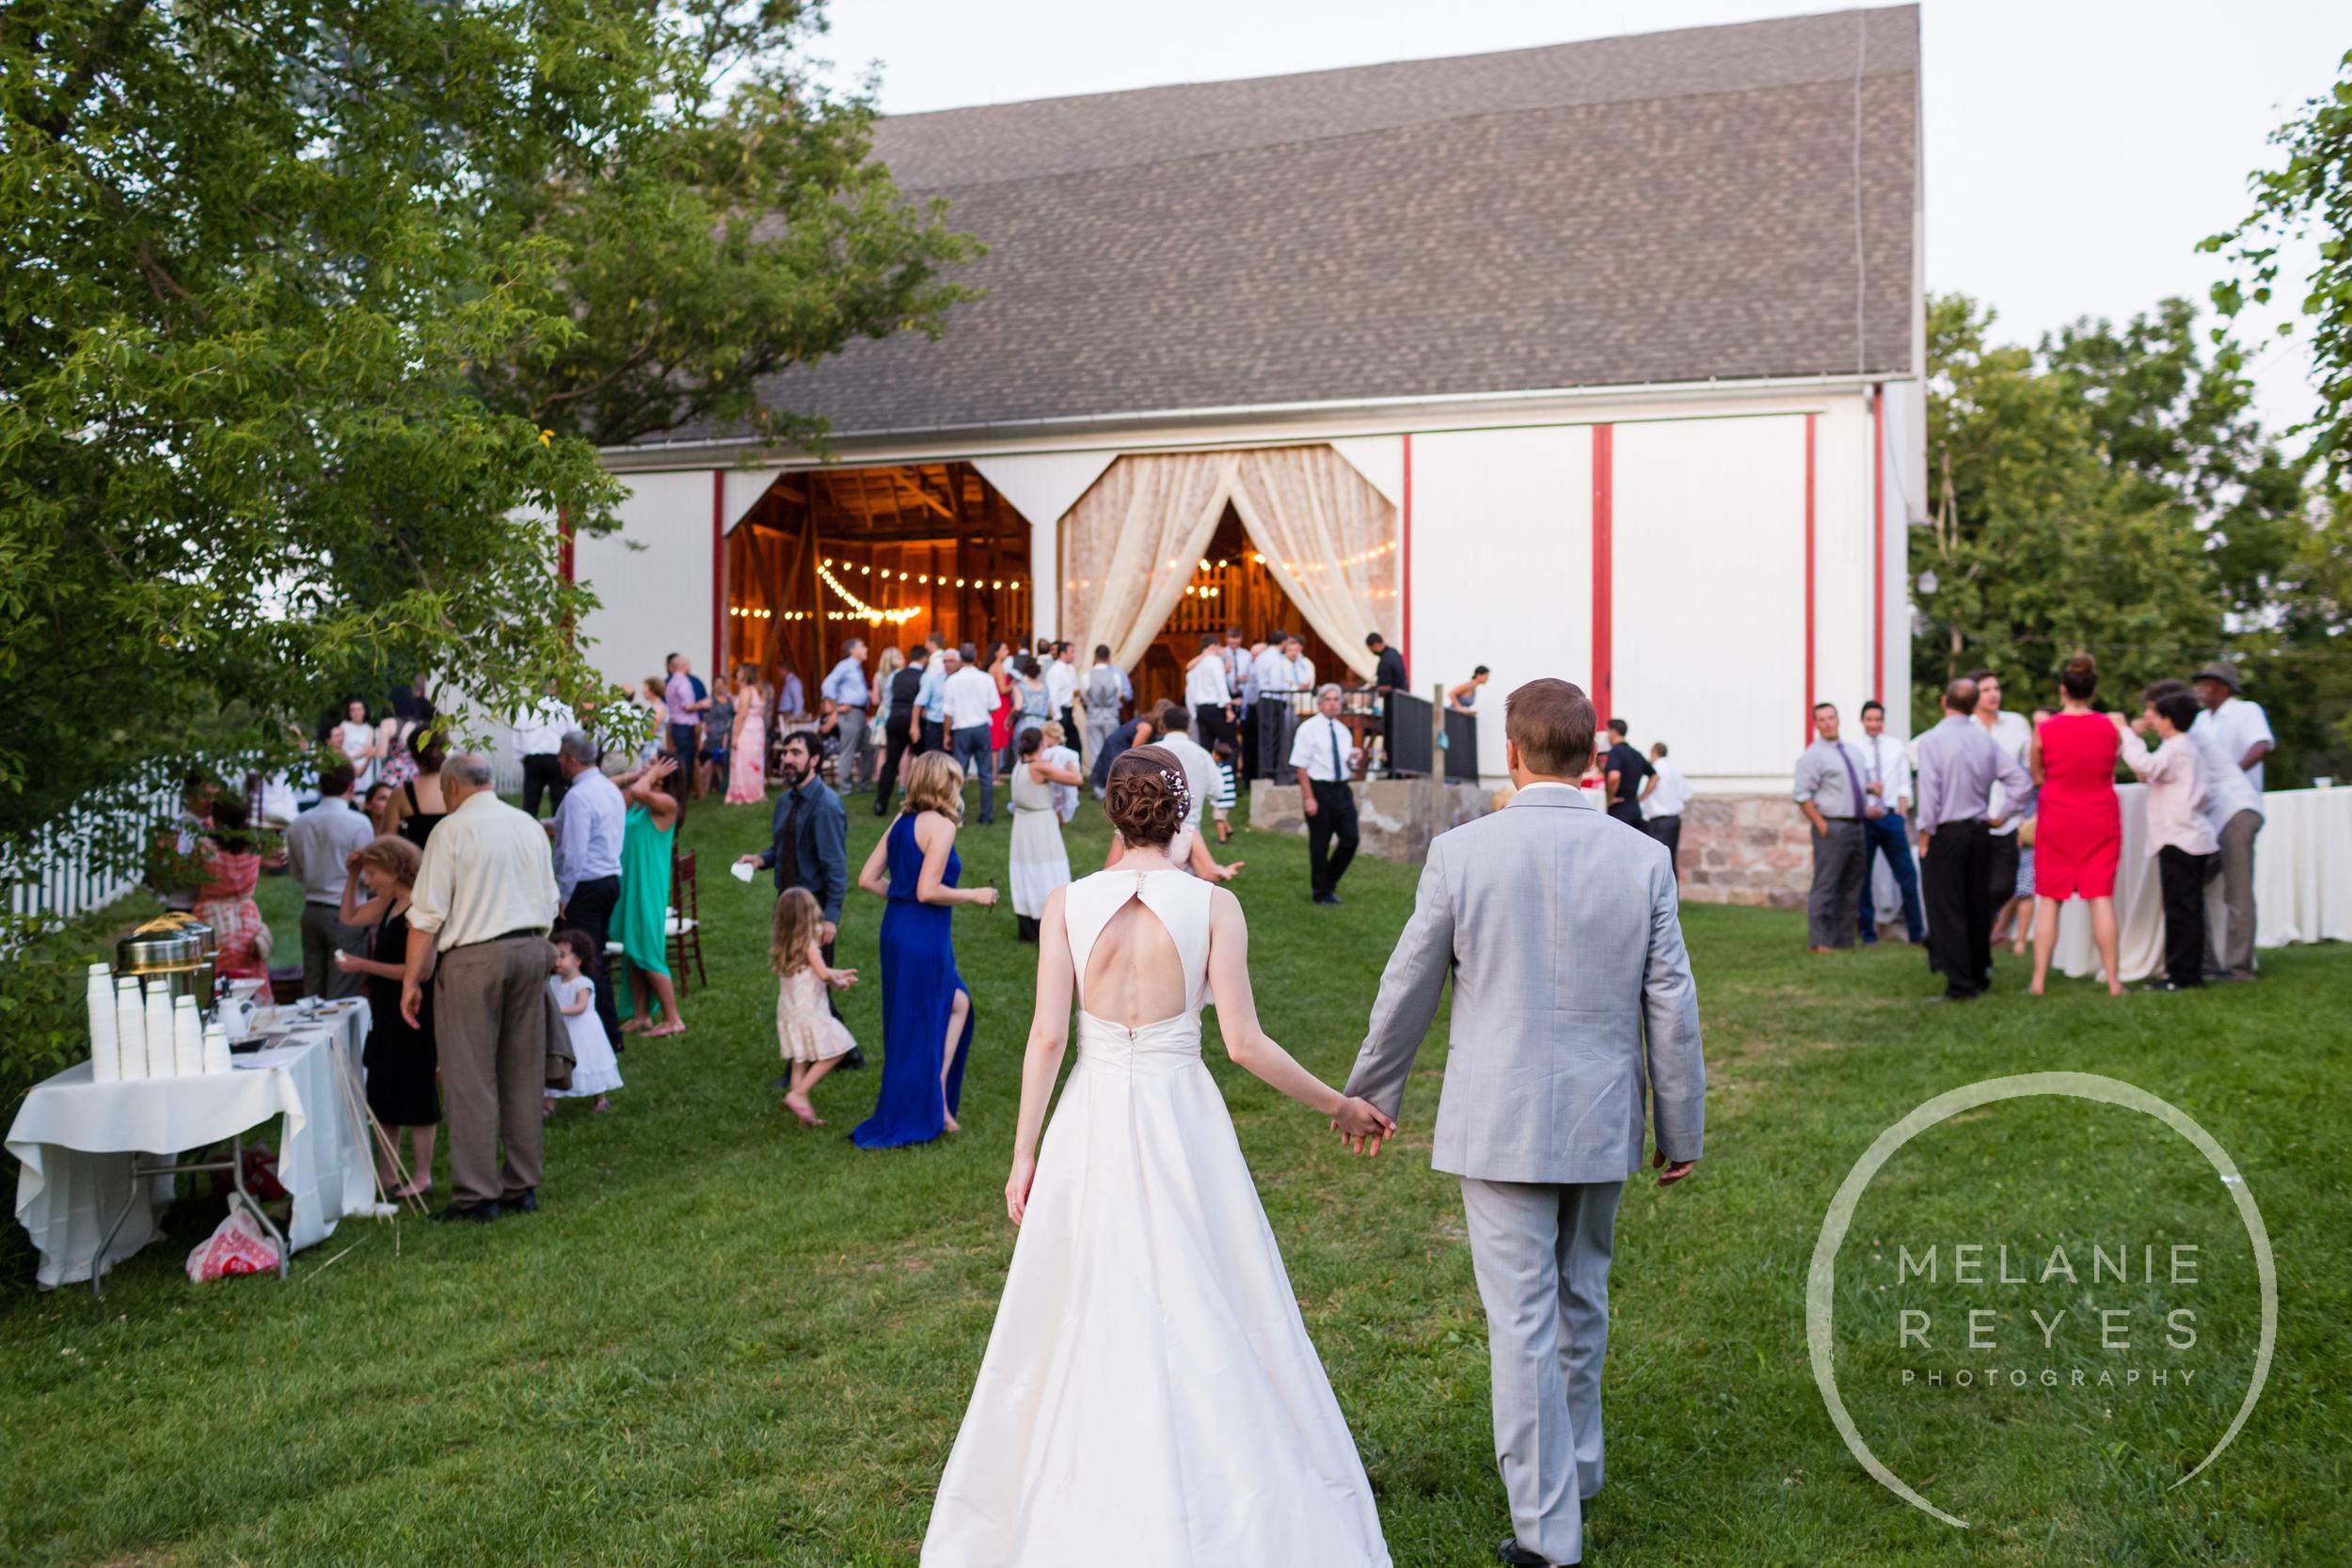 080_farm_wedding_melanie_reyes.JPG